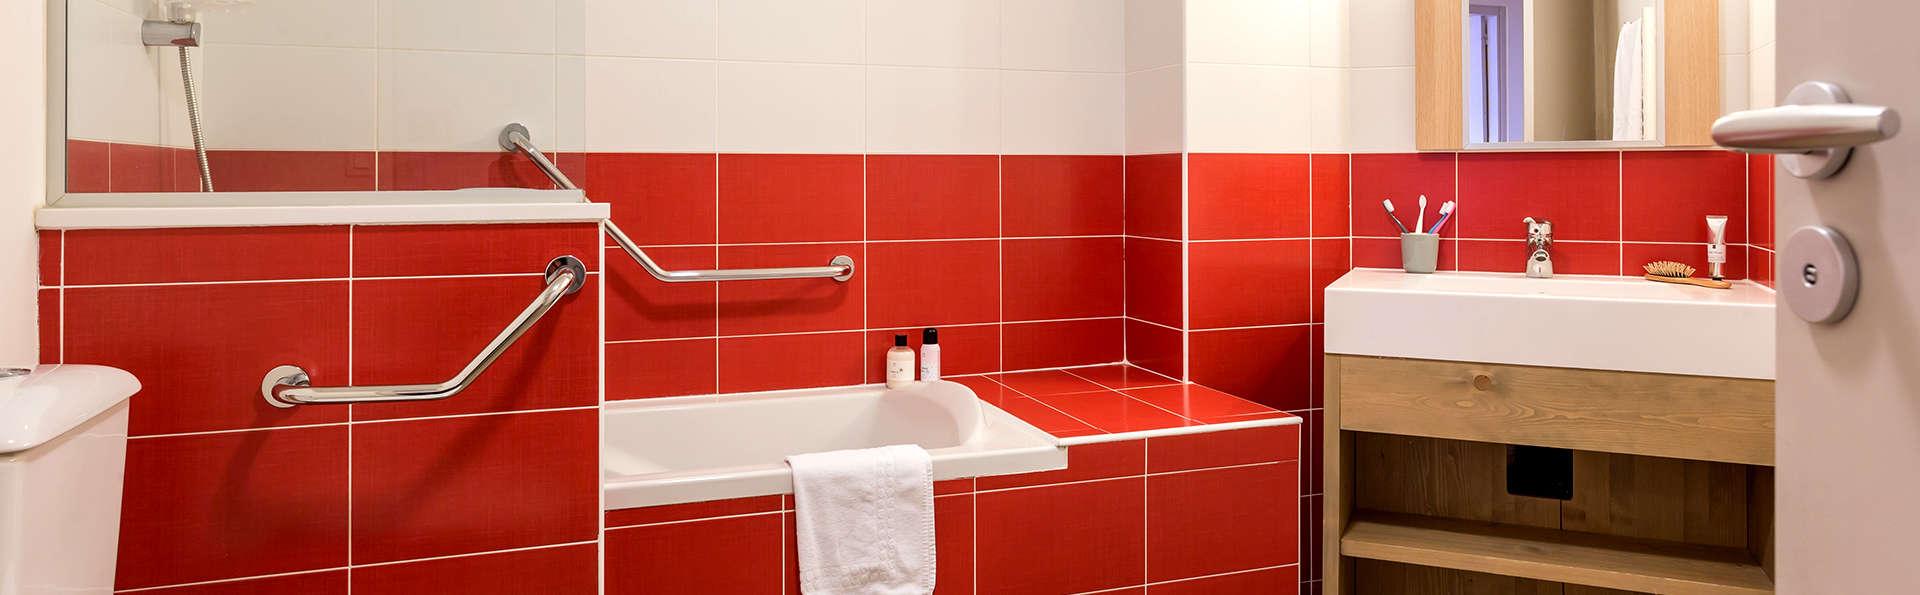 Pierre et Vacances Les Gémeaux - Edit_Bathroom5.jpg